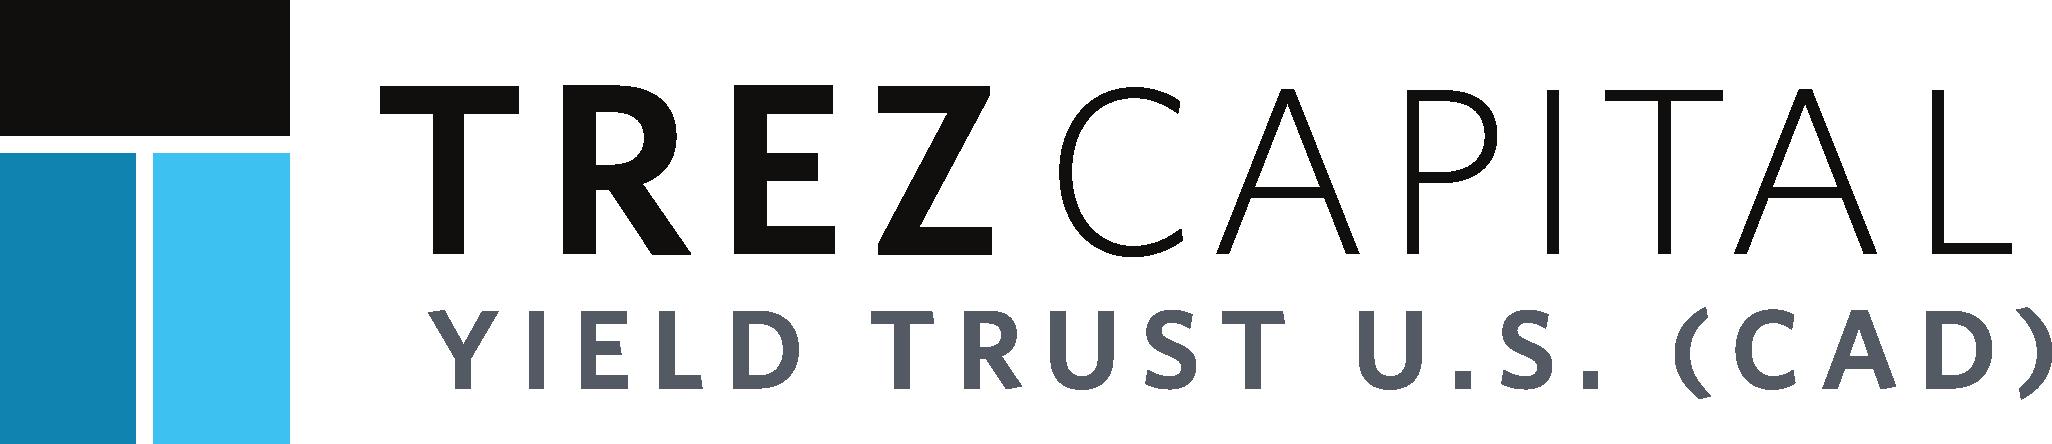 Yield Trust U.S. (CAD)